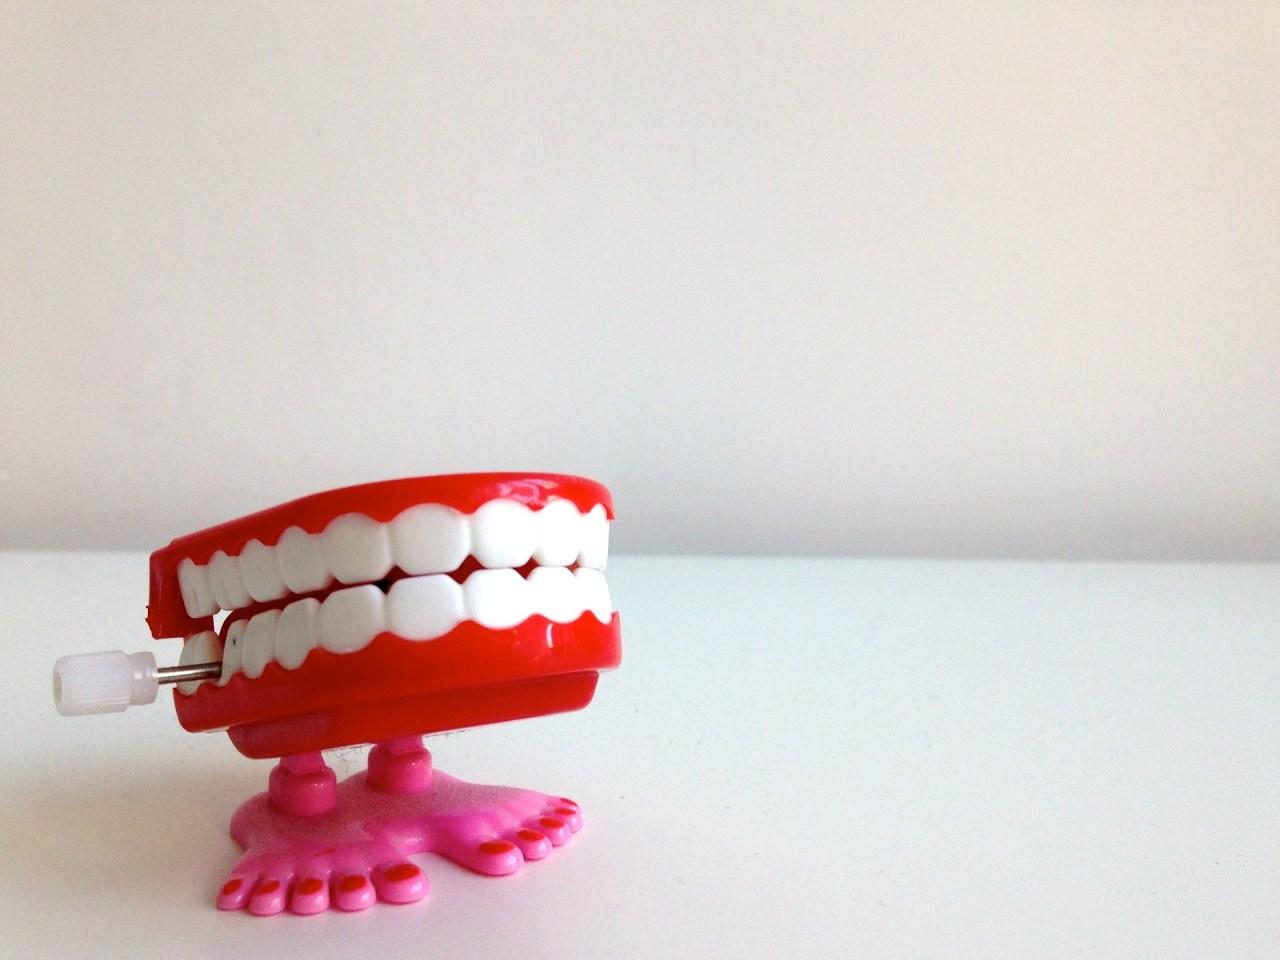 しっかり防ぐ!睡眠中の歯ぎしりを改善するための治し方や防止対策5選